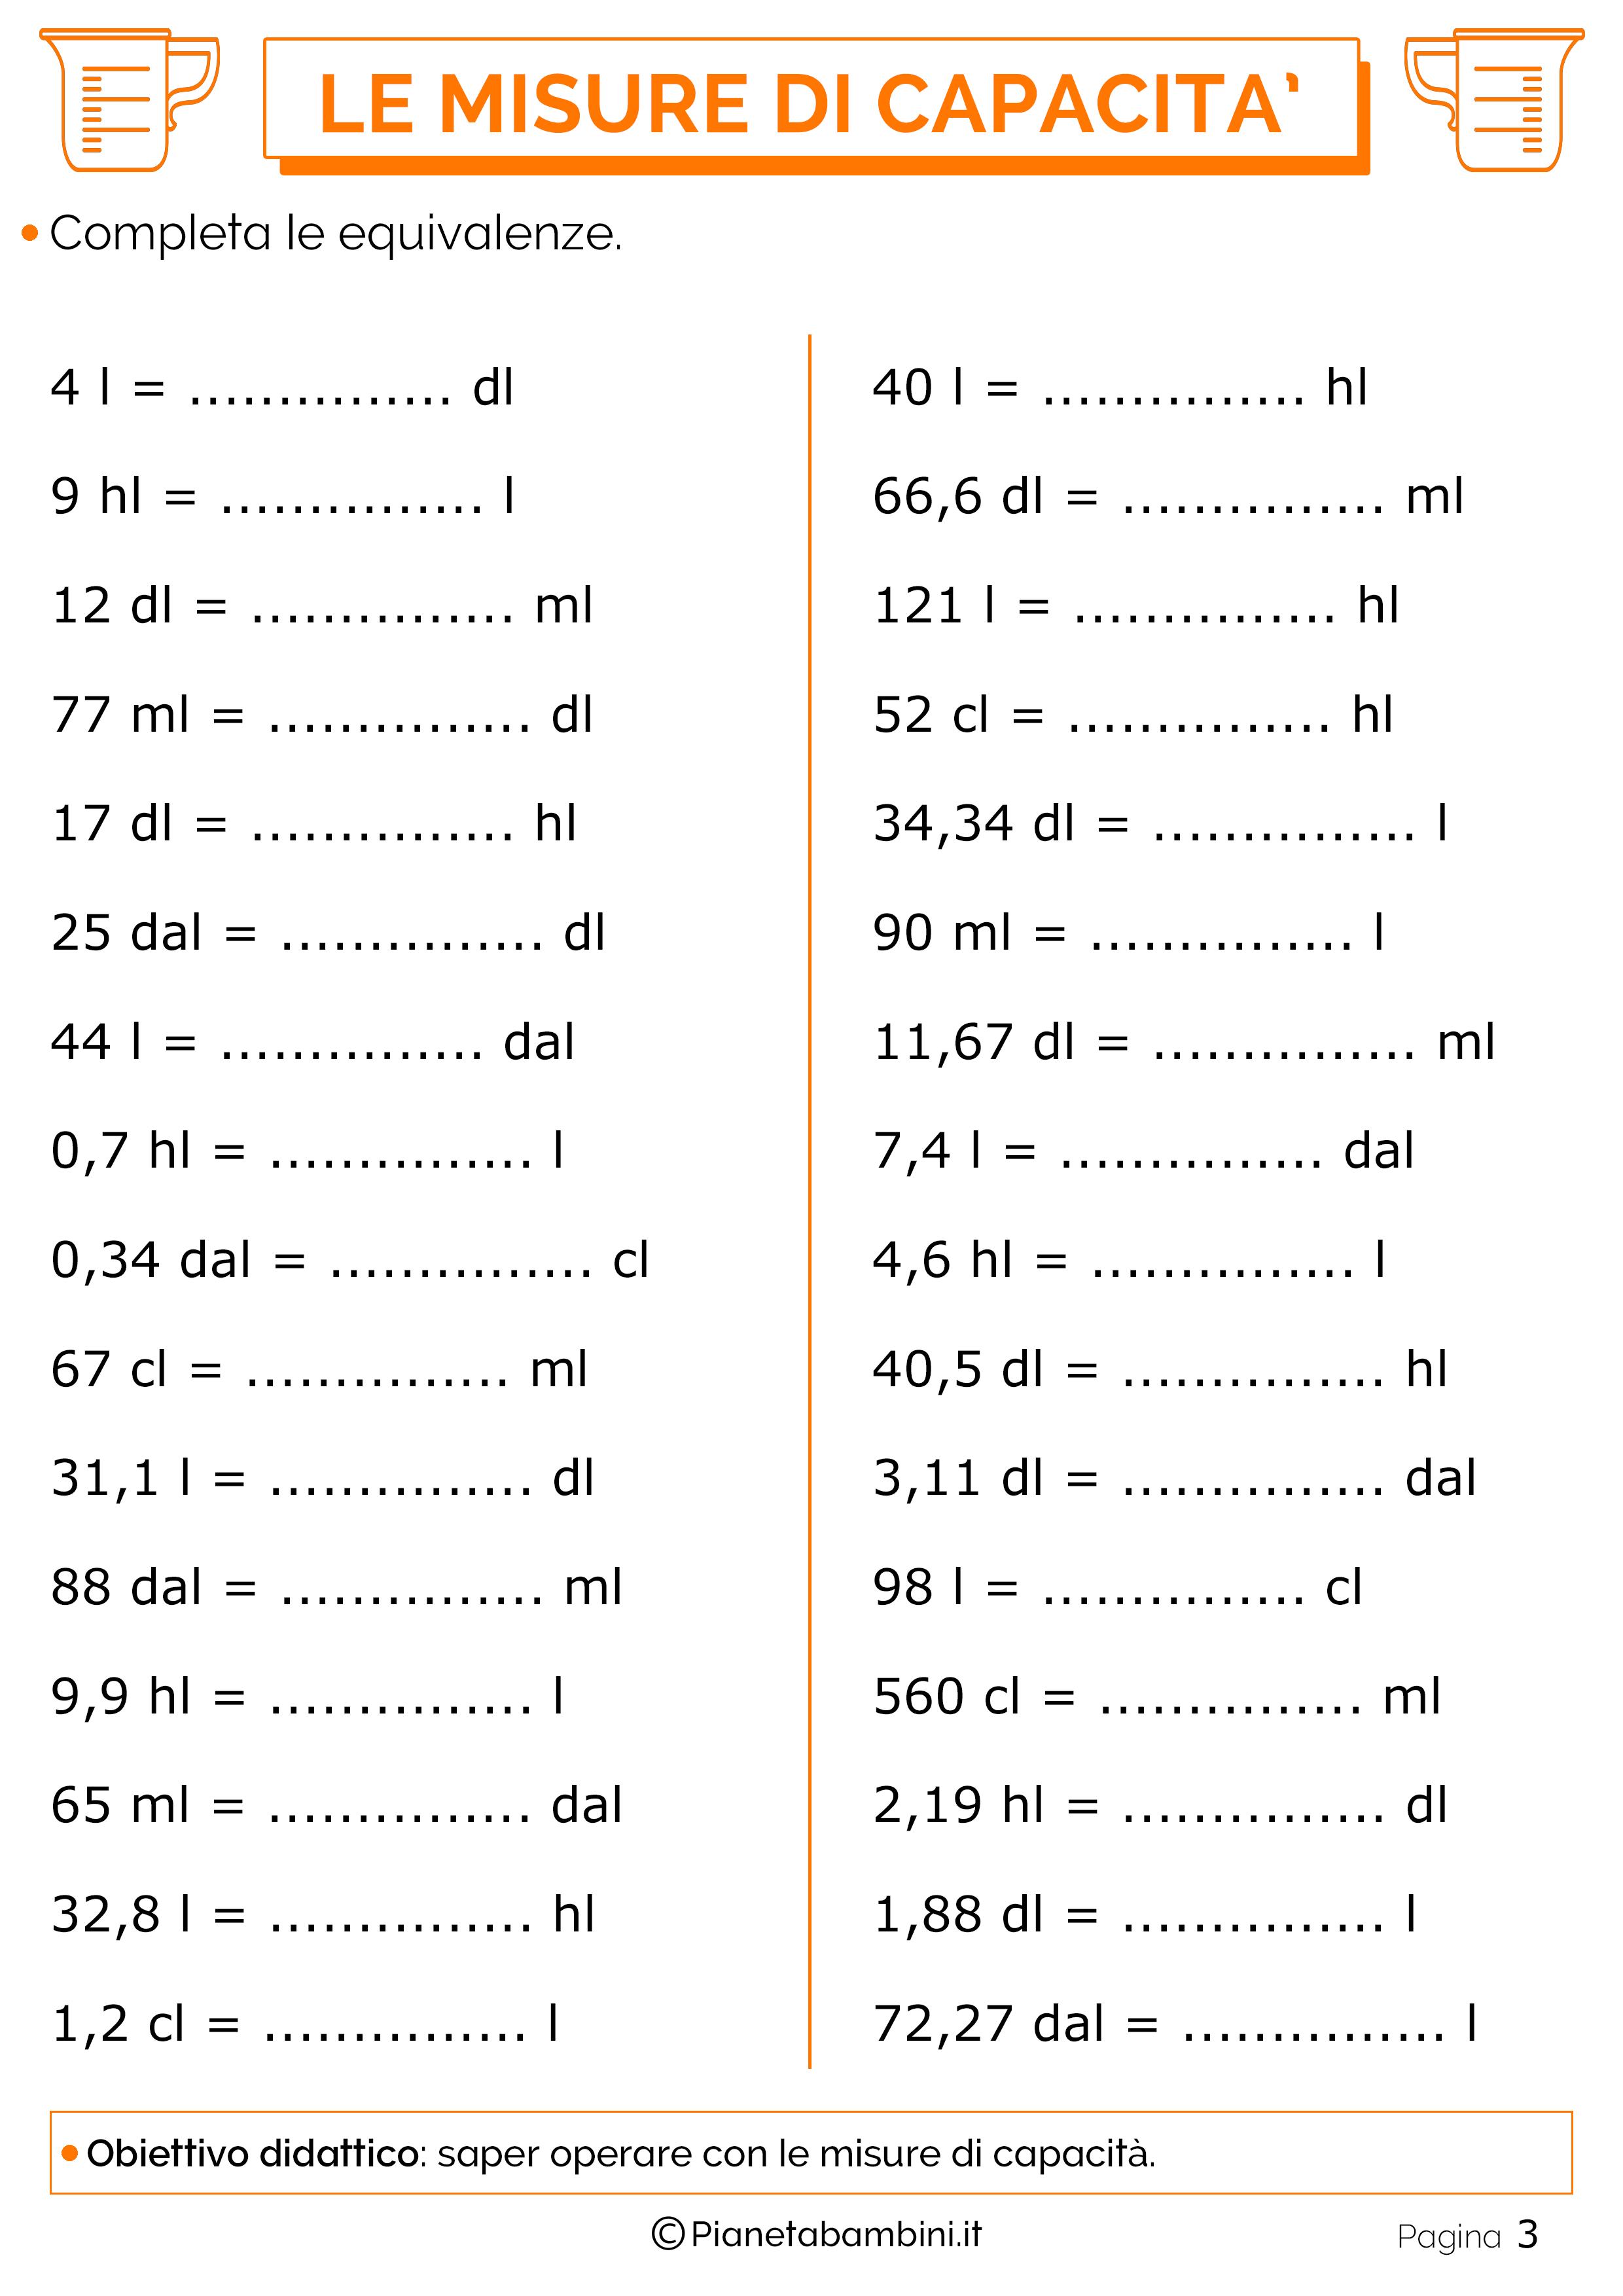 Equivalenze-Misure-Capacita-1